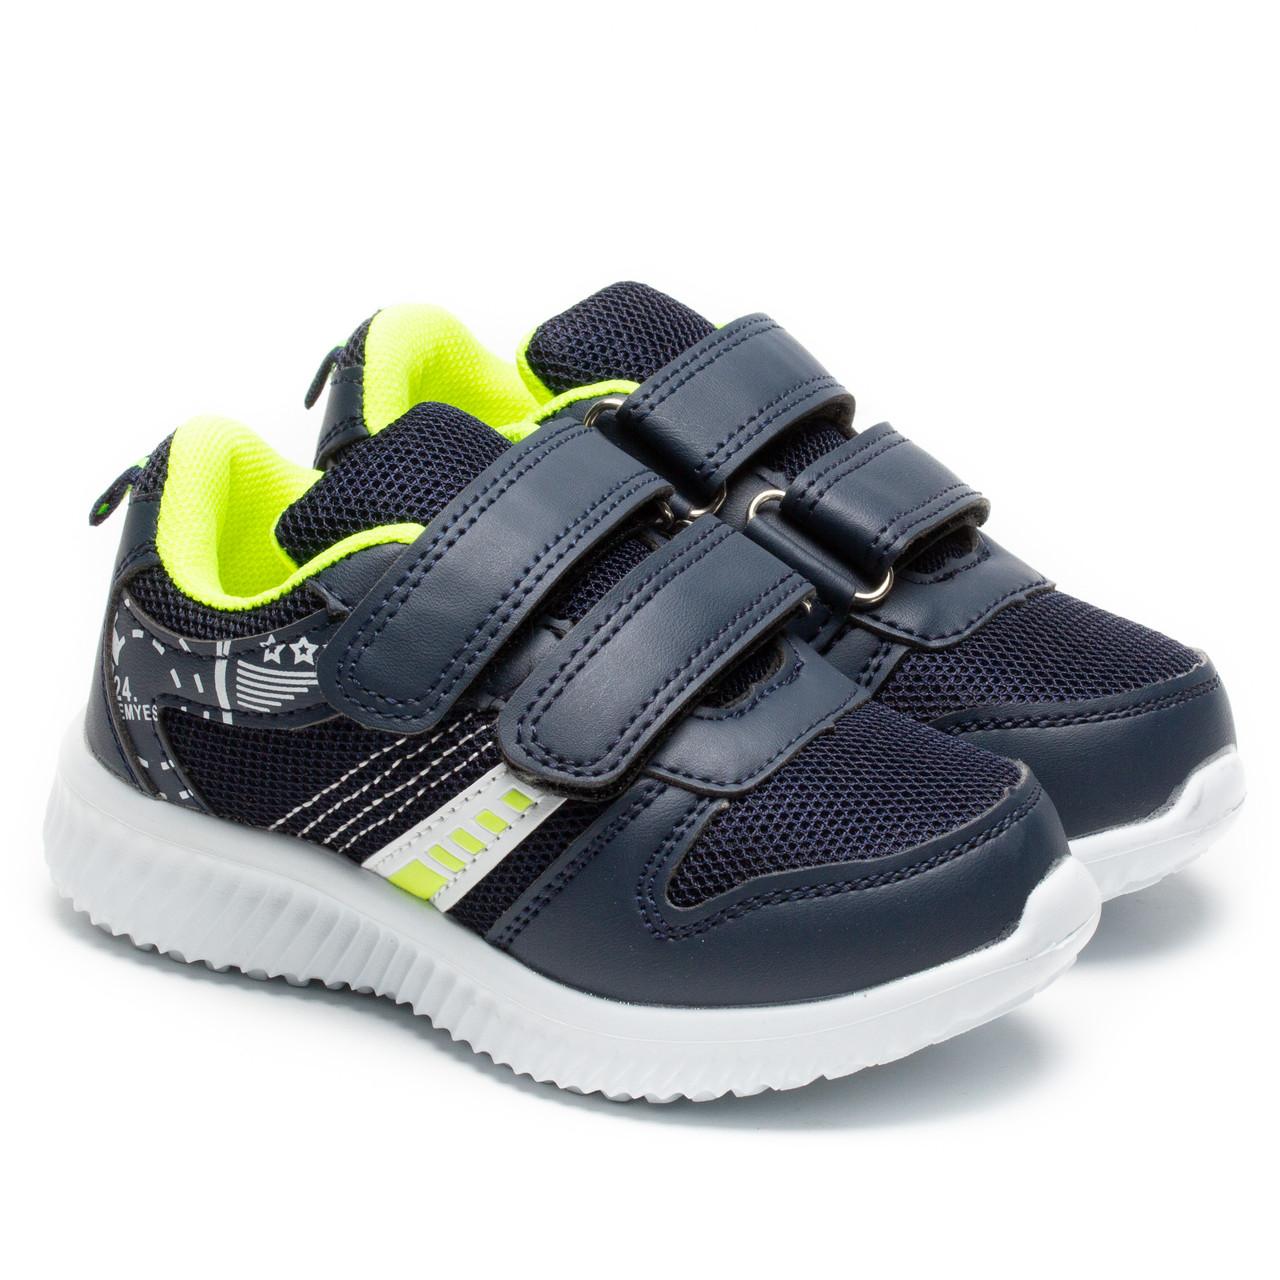 Яркие кроссовки Том М на мальчика, замшевые, размер 25-30